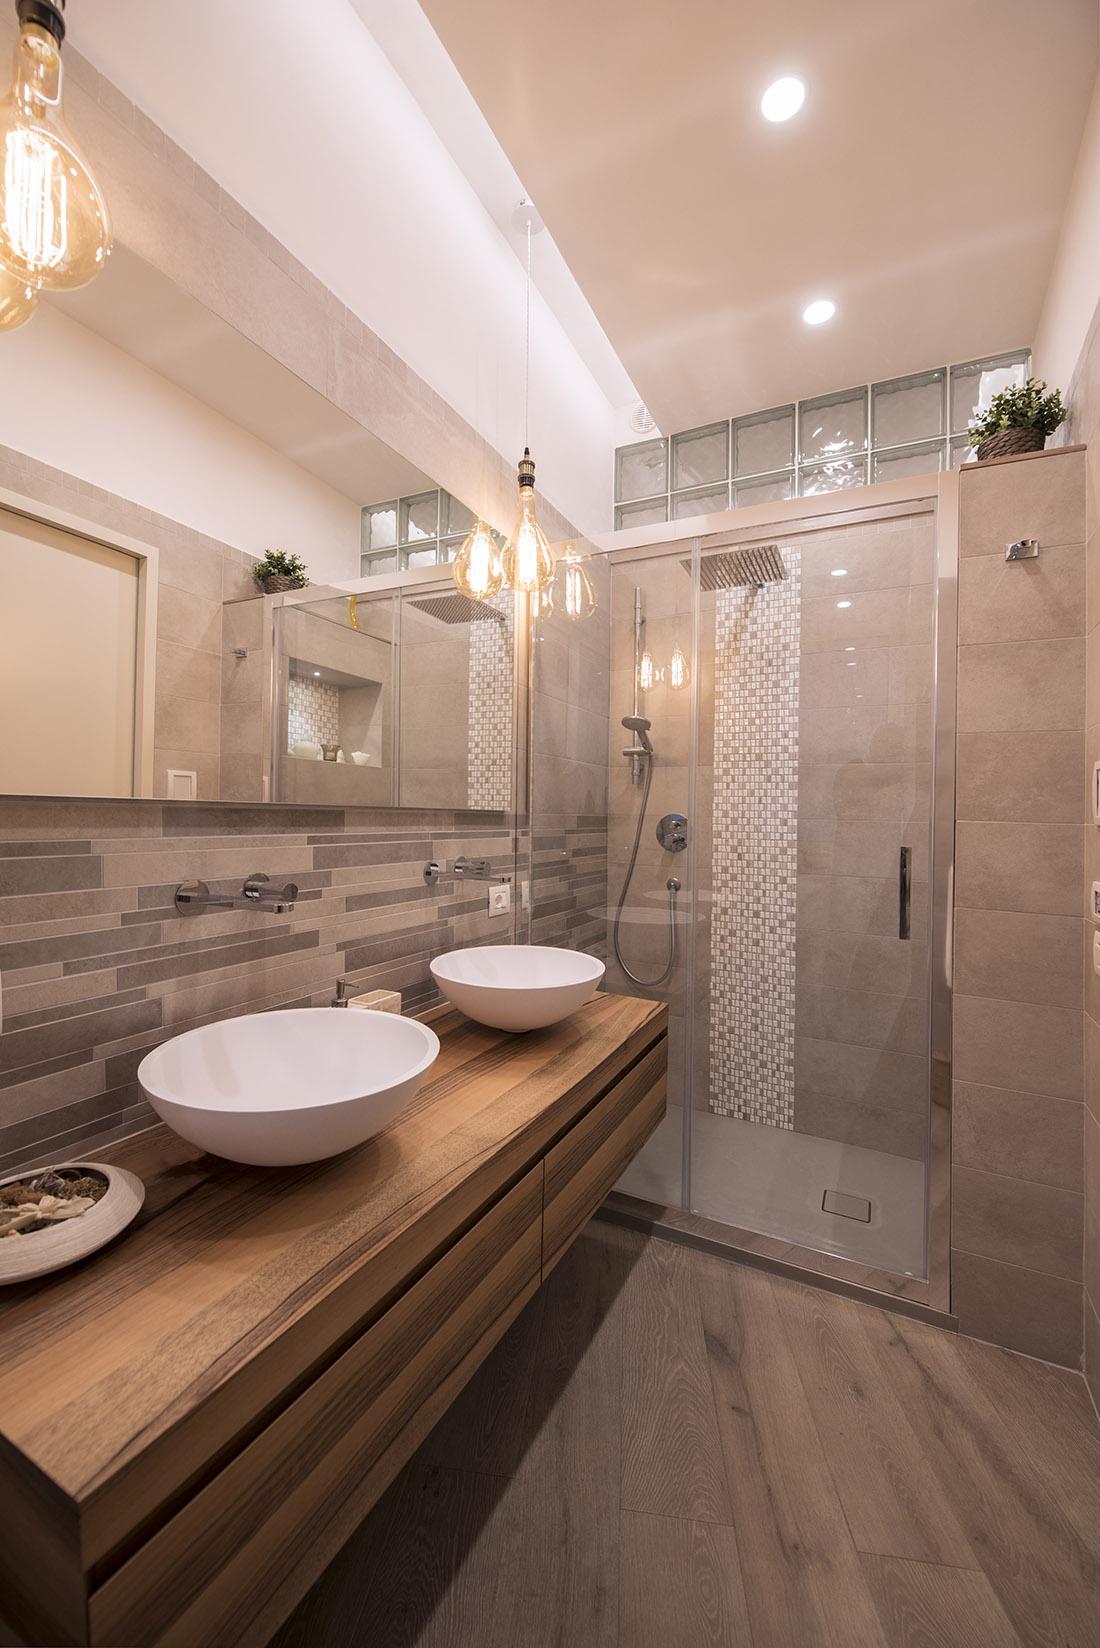 appartamento-otta2-bagno-padronale-ciotole-realizzazione-vomero-napoli-pucciarelli-architetti